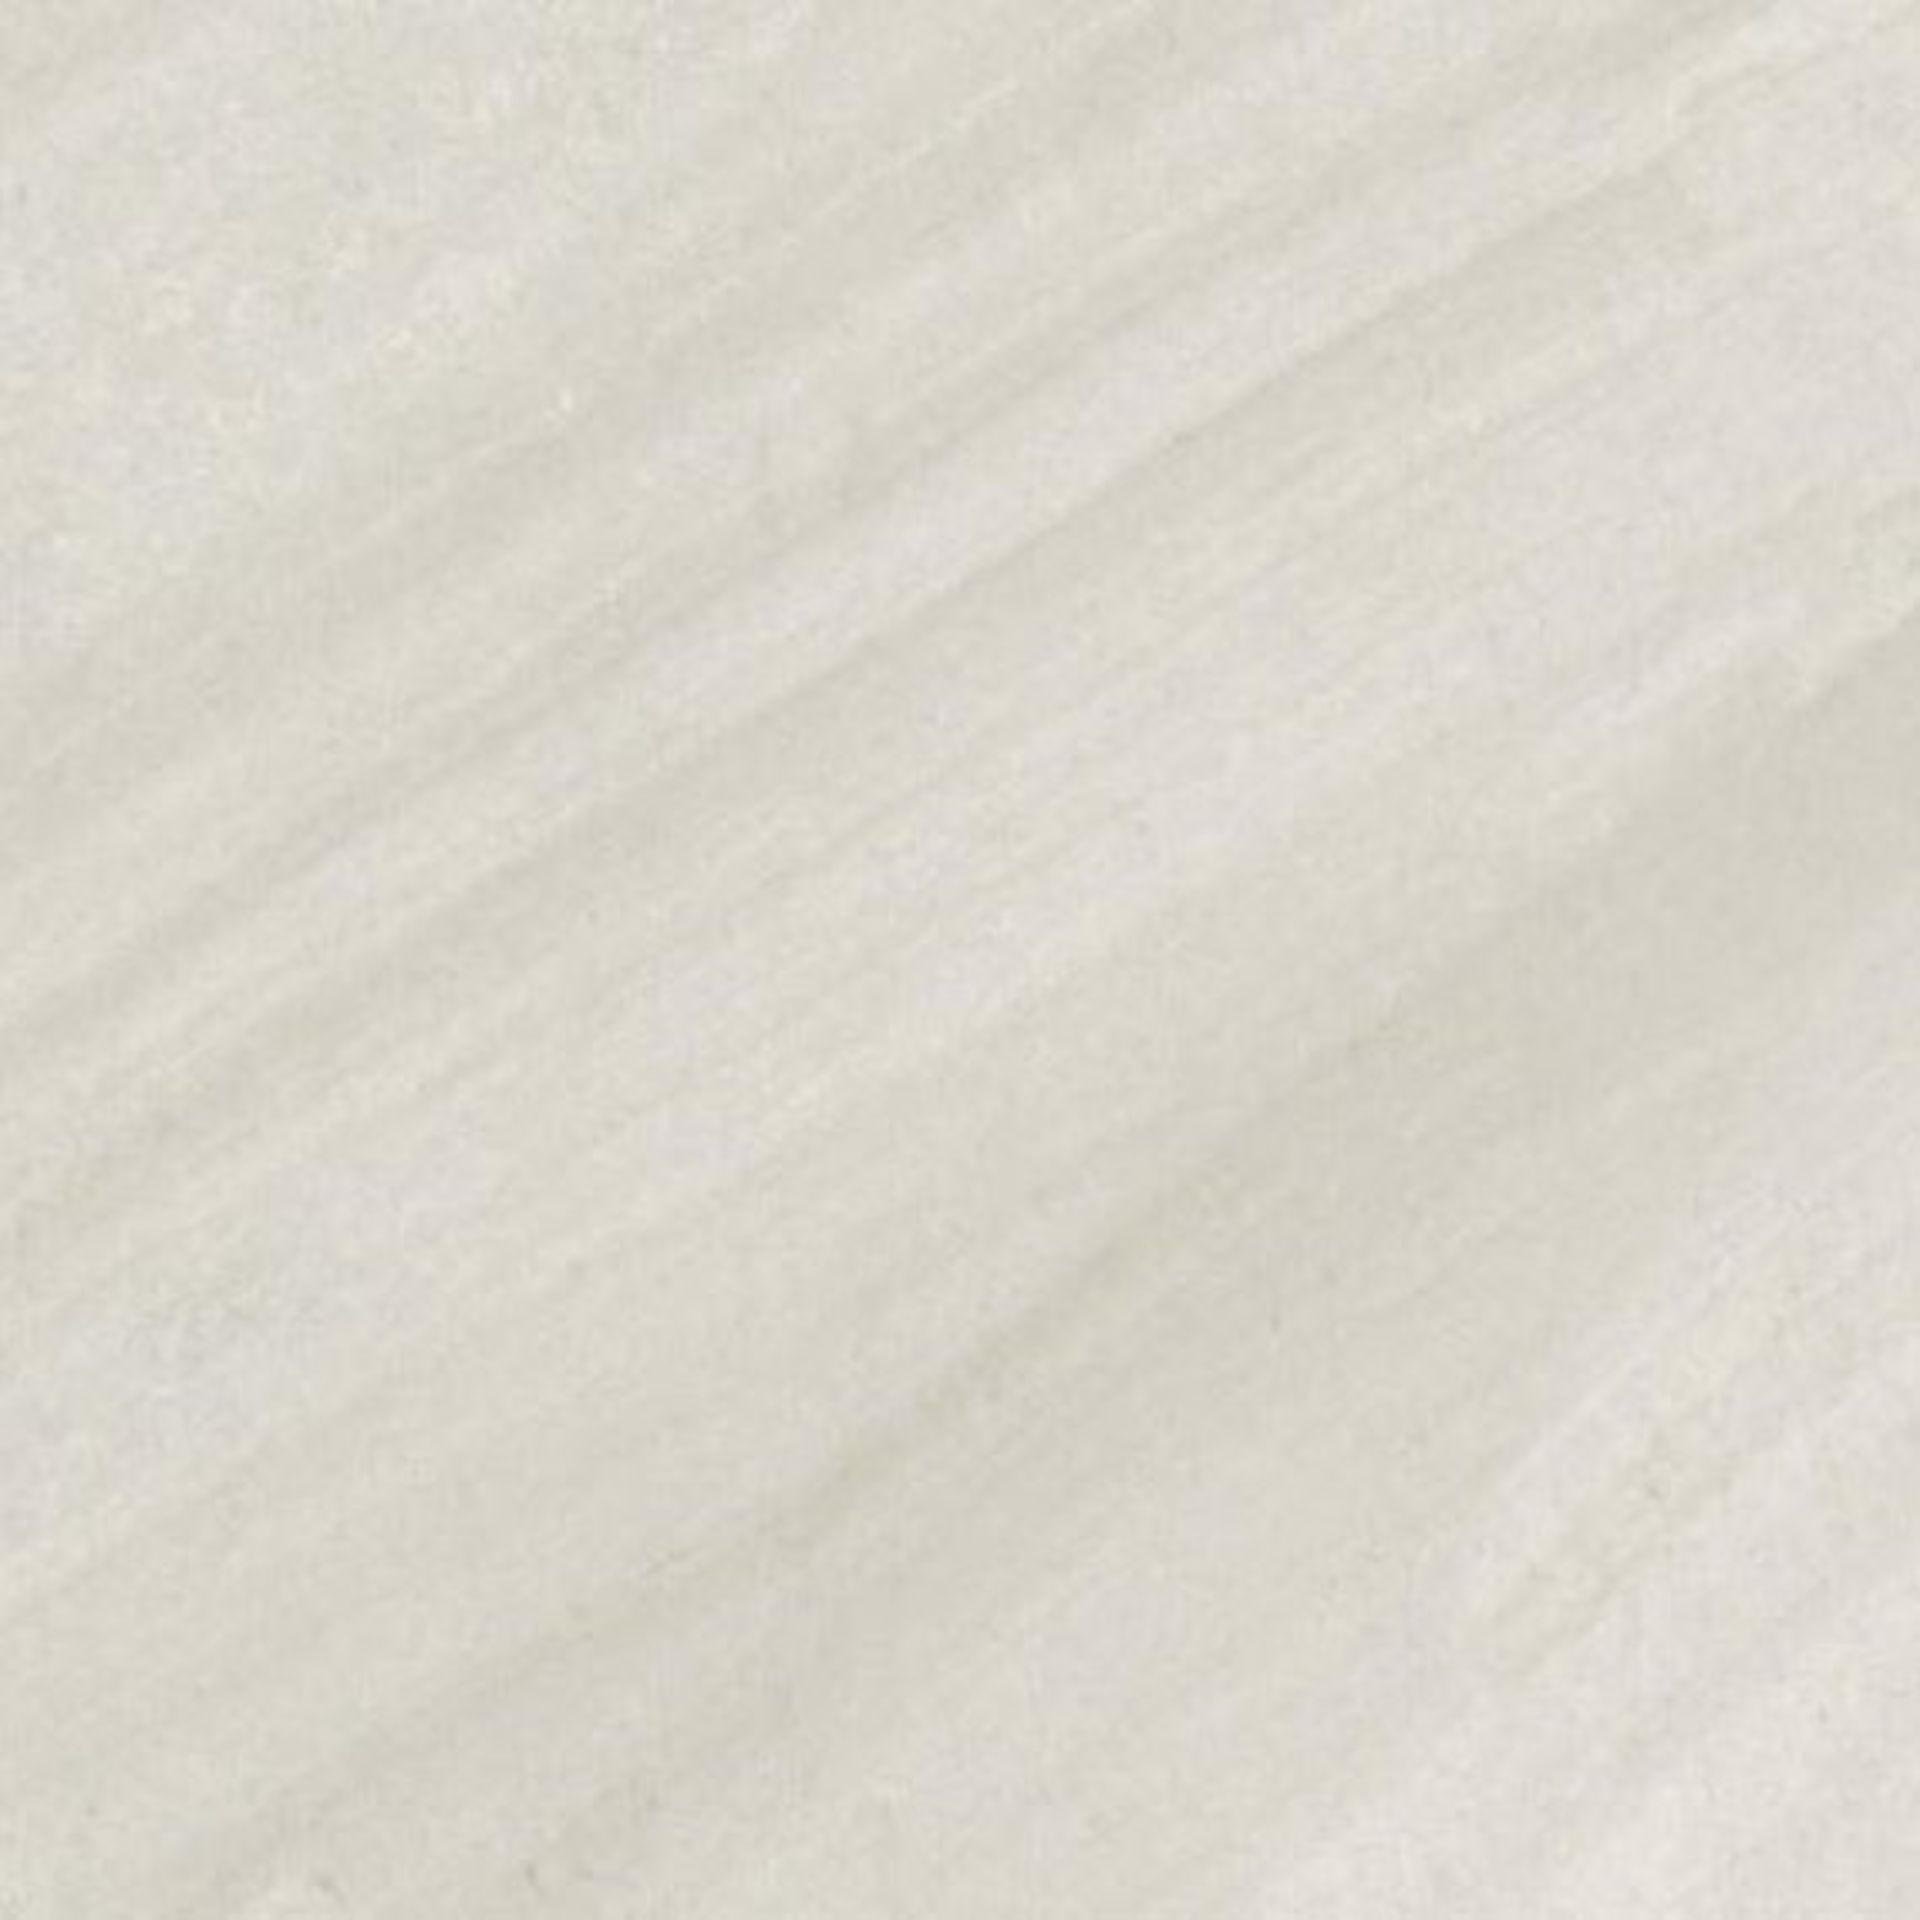 Combined RRP £960 Pallet To Contain 48 Cartons Of Grasmere Bracken Matt 360X275Mm Wall/Floor Tiles - Image 2 of 2